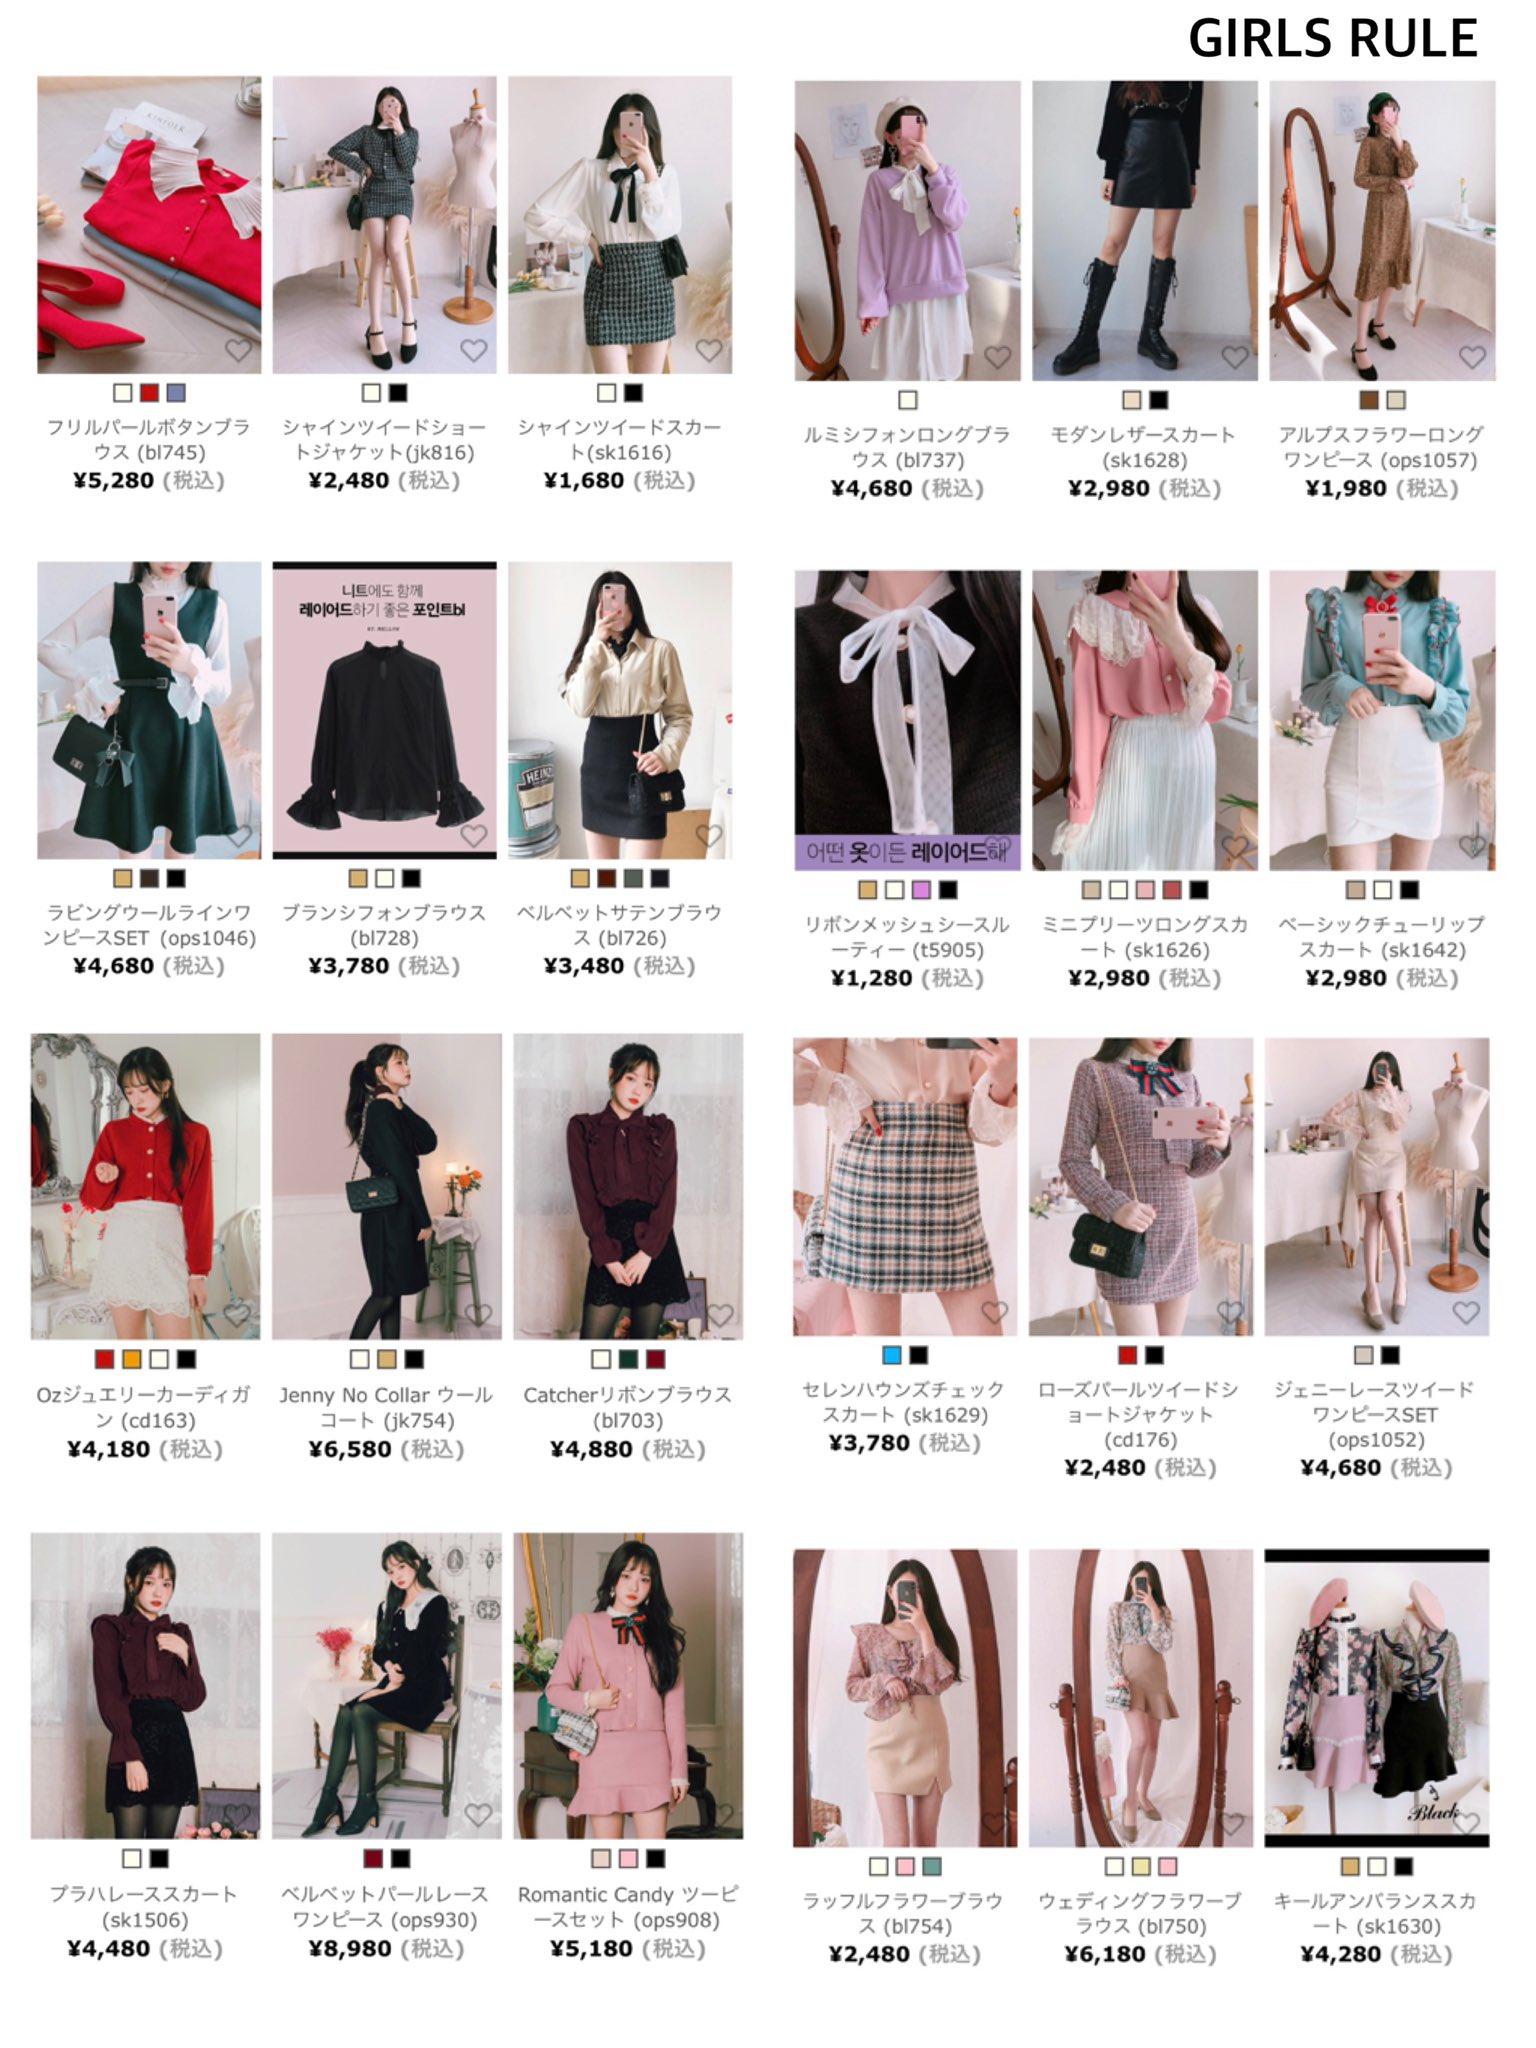 韓国ファッションブランドのすゝめ 🌼人と被りたくない、個性強めの洋服が好き=GIRLS RULE 🌼韓ドルみたいな洋服が着たい=SOMEDAYS 🌼お手頃価格でシンプルかわいい韓国服が欲しい=GOGOSING